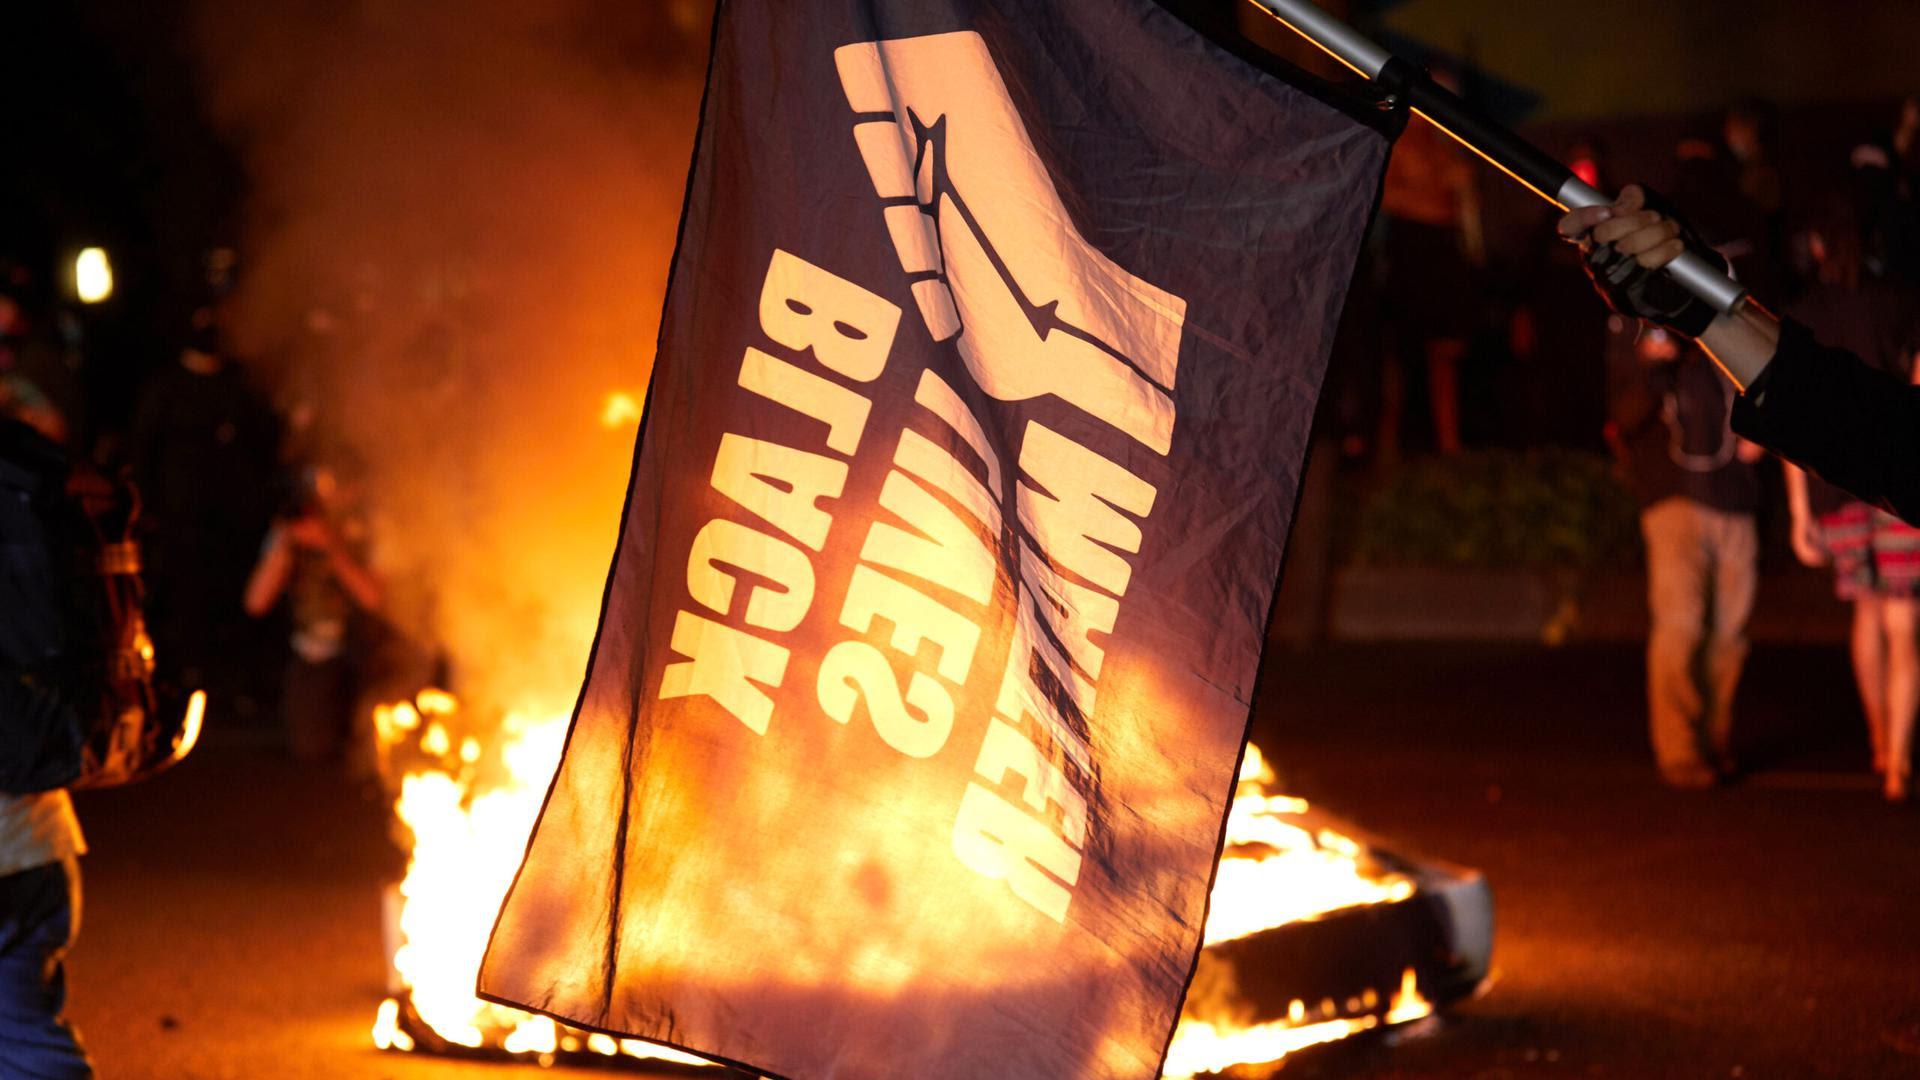 A Black Lives Matter flag flying in front of burning wreckage